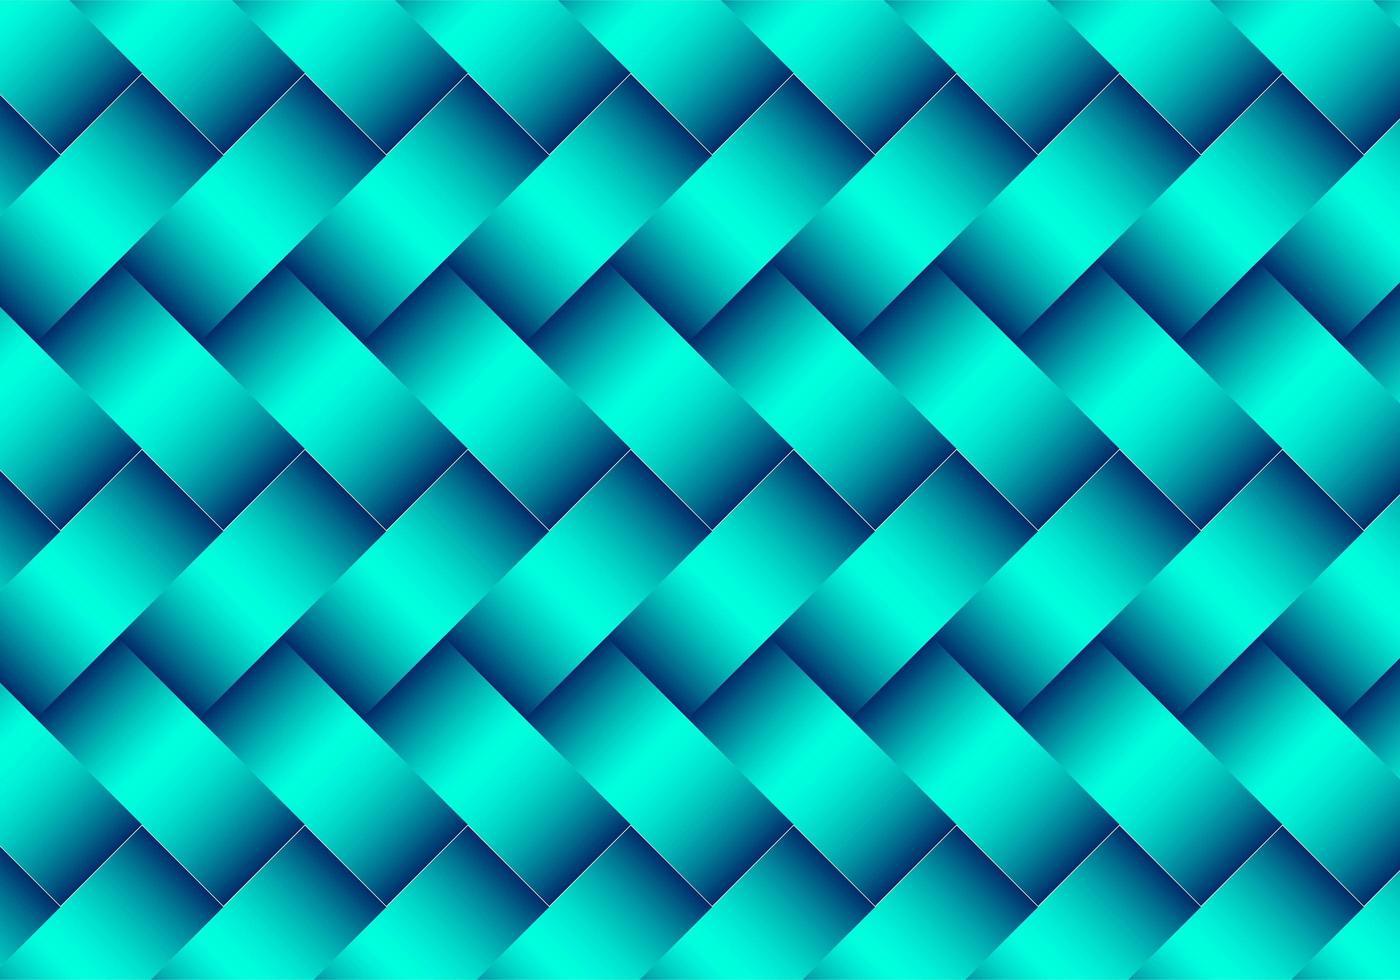 modernes grünes 3d metallisches gewebtes Muster vektor